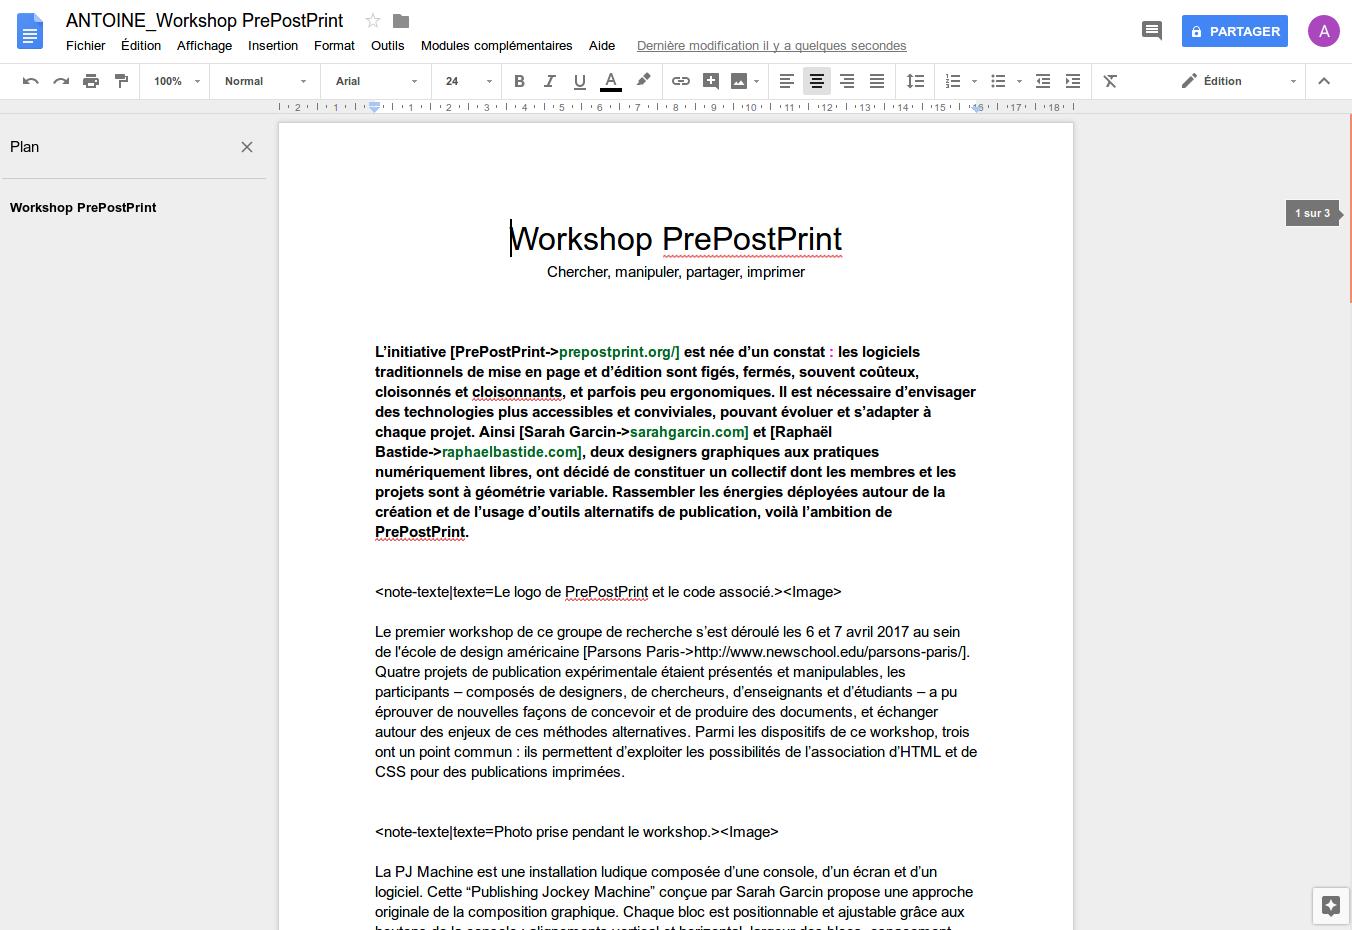 Figure 3.3. Capture d'écran de l'interface de Google Docs, le traitement de texte de Google Drive.